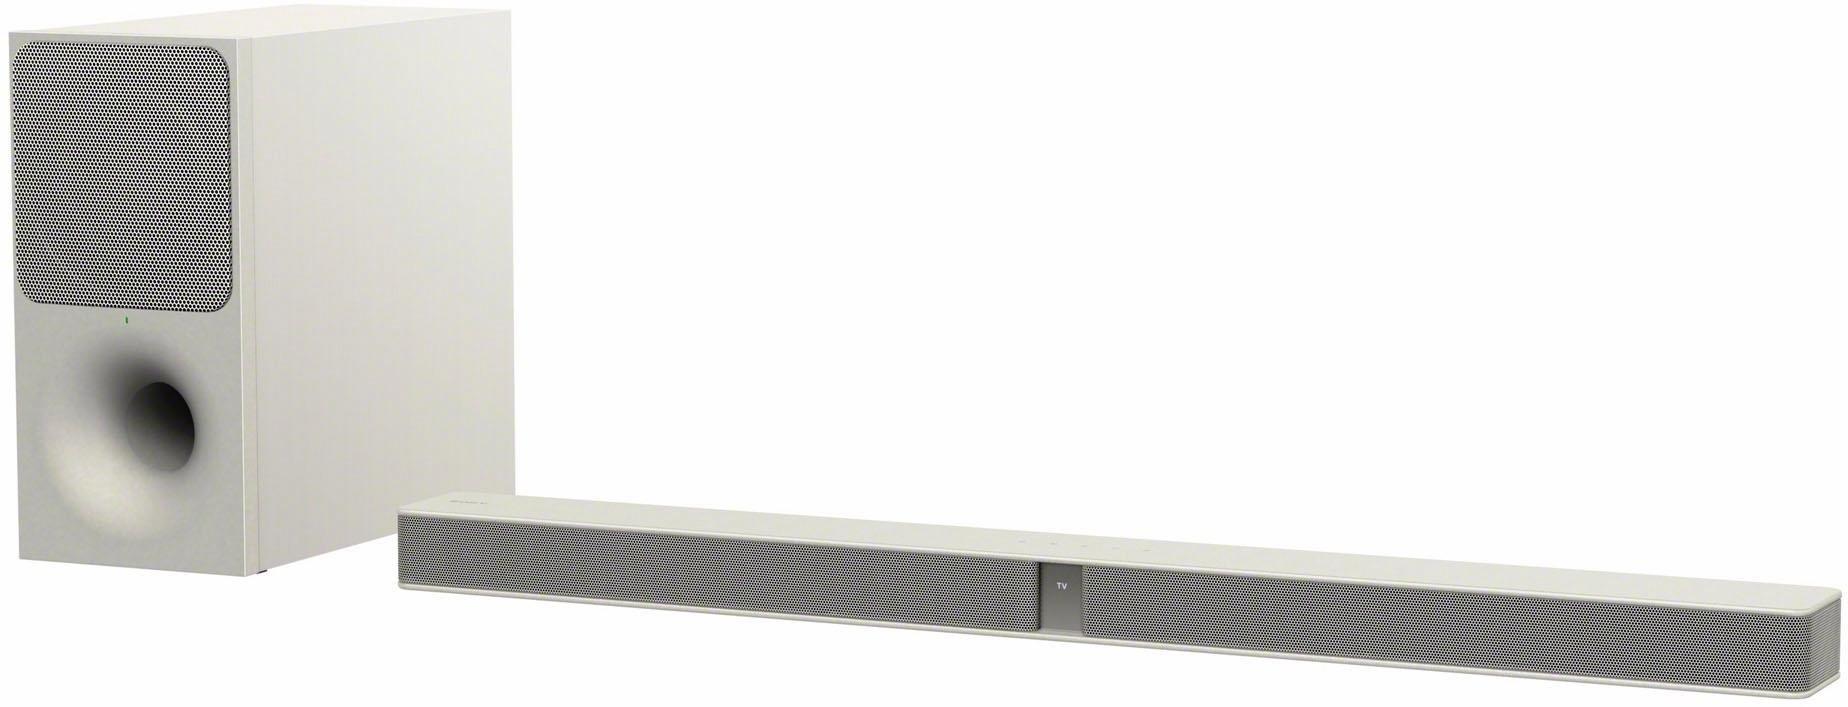 Op zoek naar een SONY HT-CT290 2.1 Kanaal soundbar (300W, Bluetooth, HDMI , draadloze subwoofer)? Koop online bij OTTO